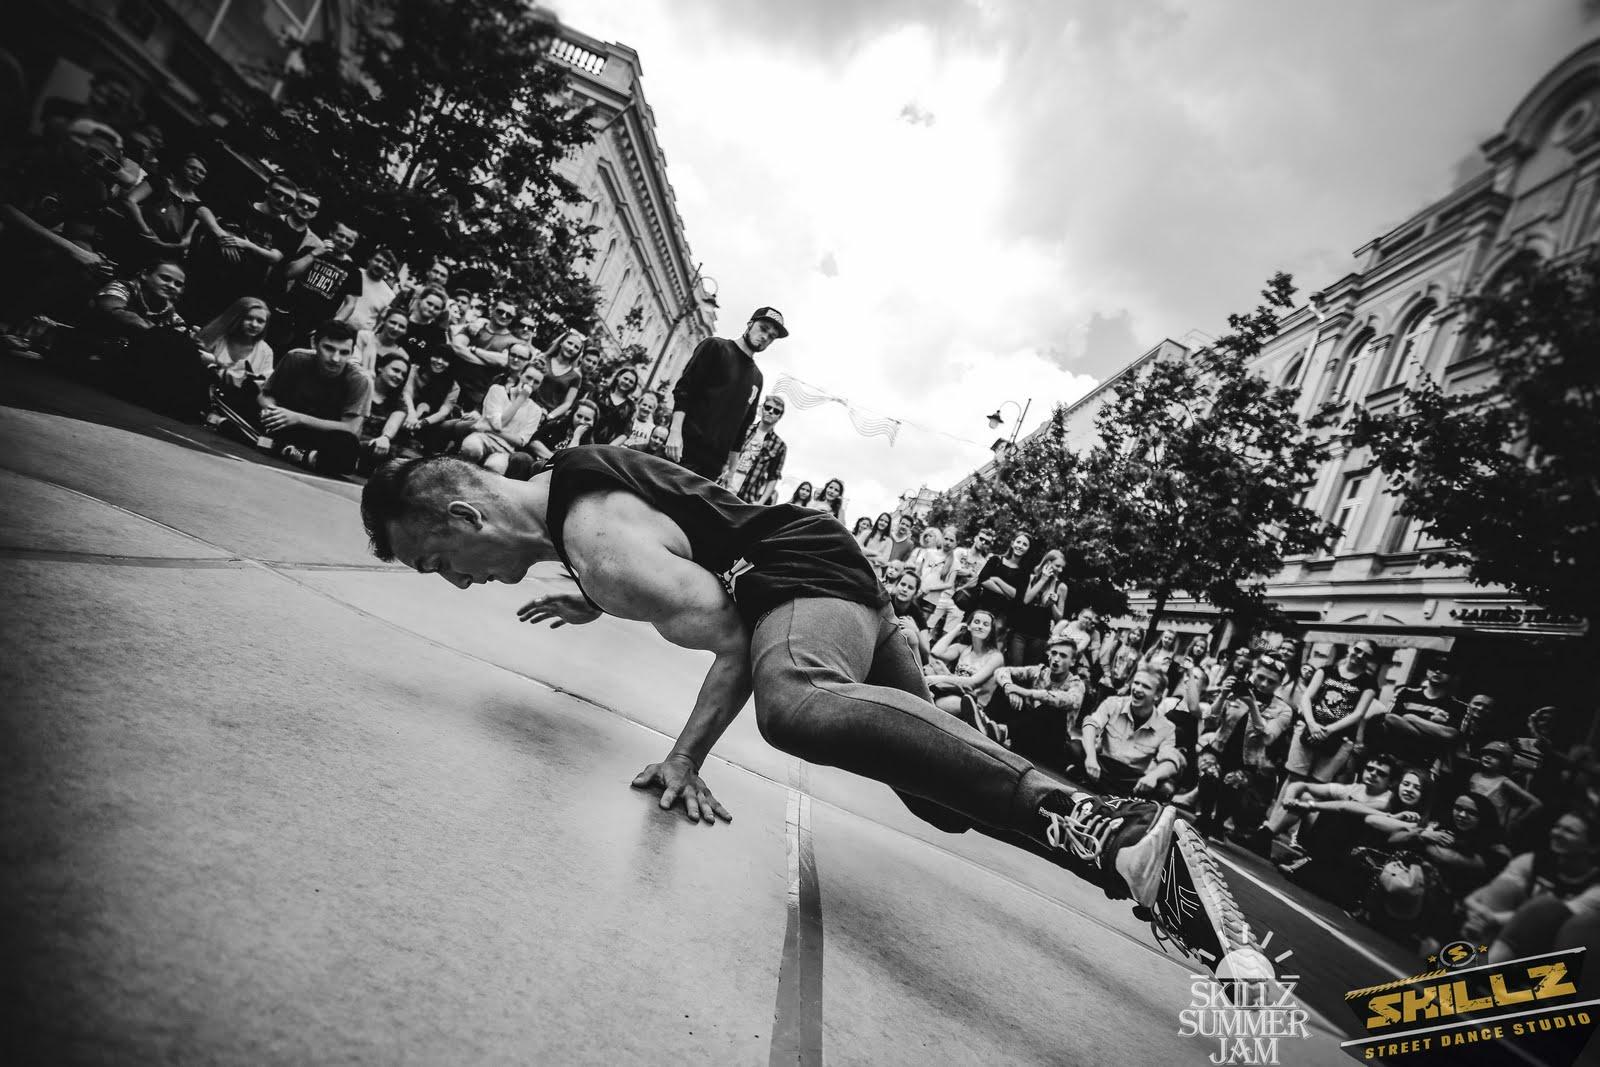 SKILLZ Summer jam 2014 - _MG_4194.jpg